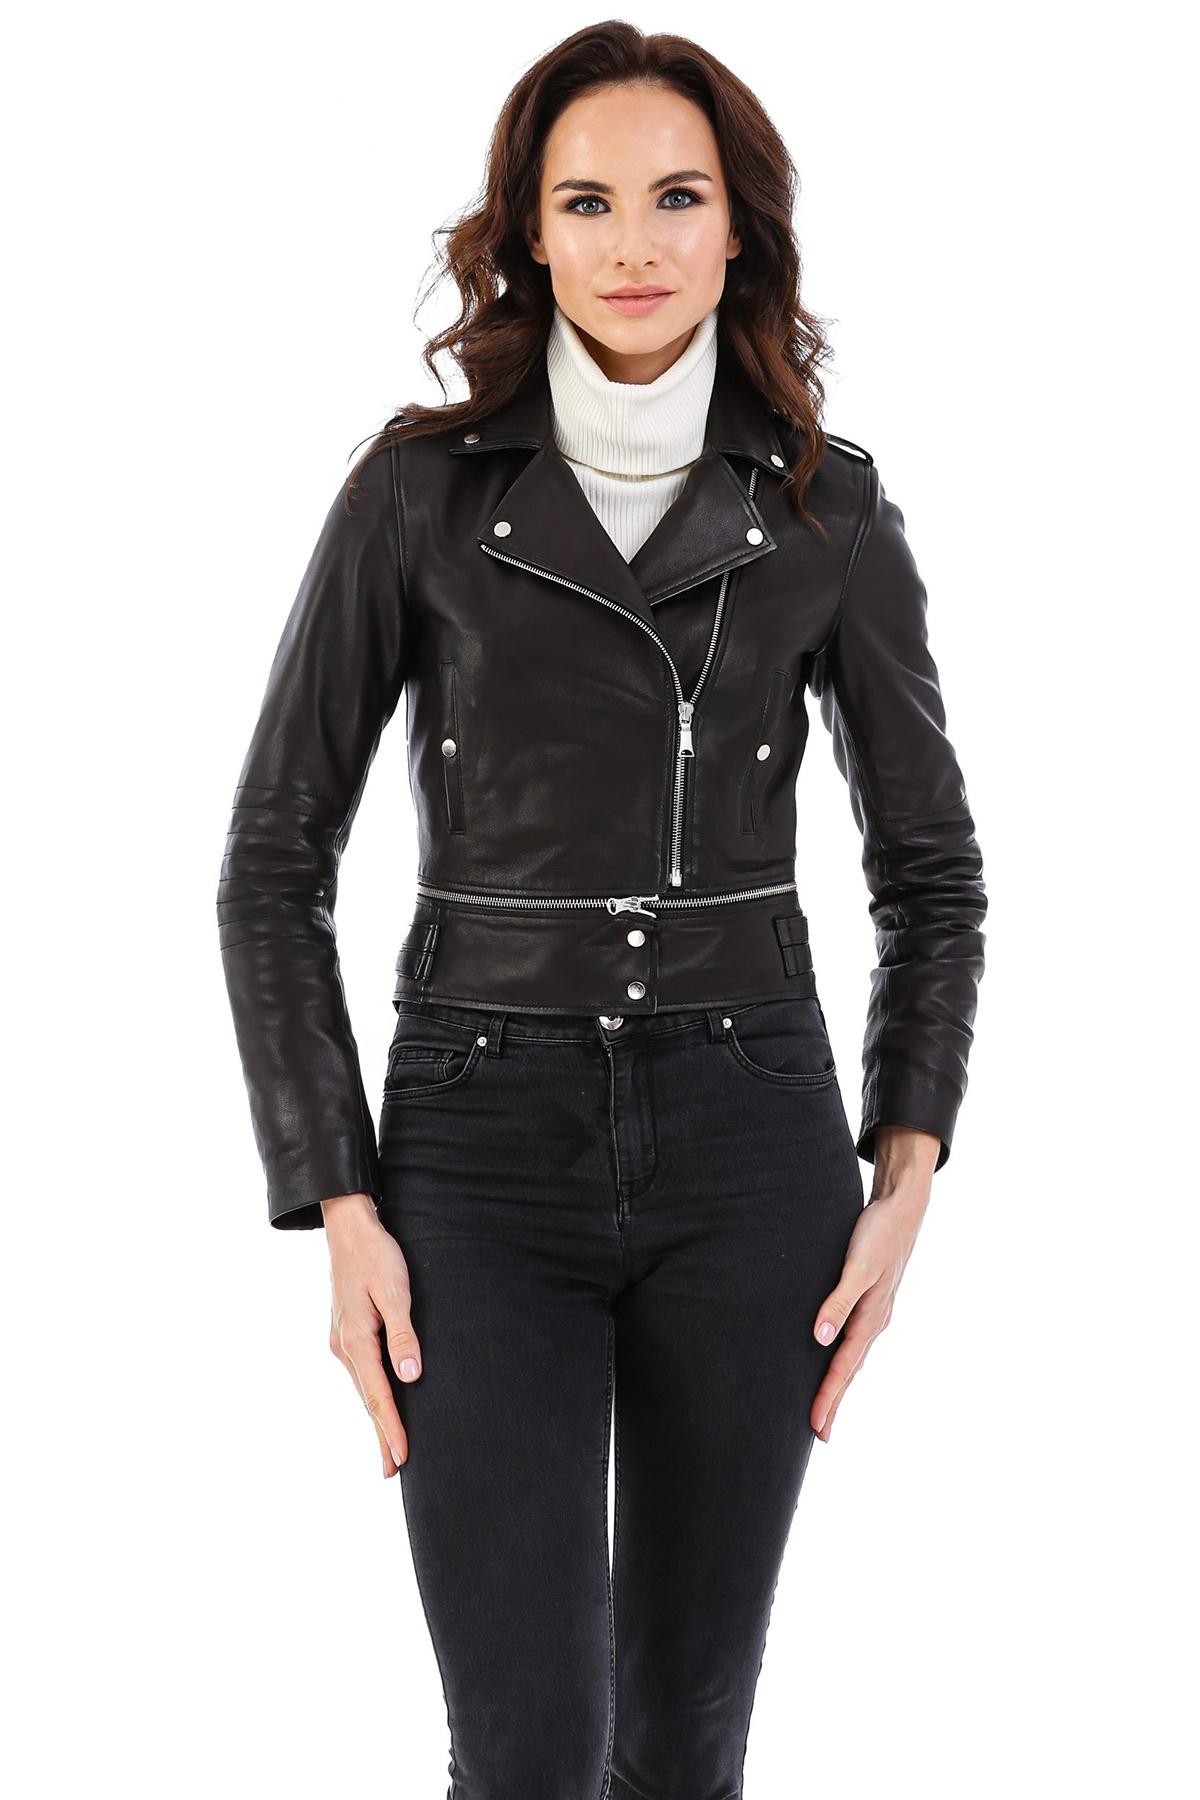 Winter Jacket Manufacturer